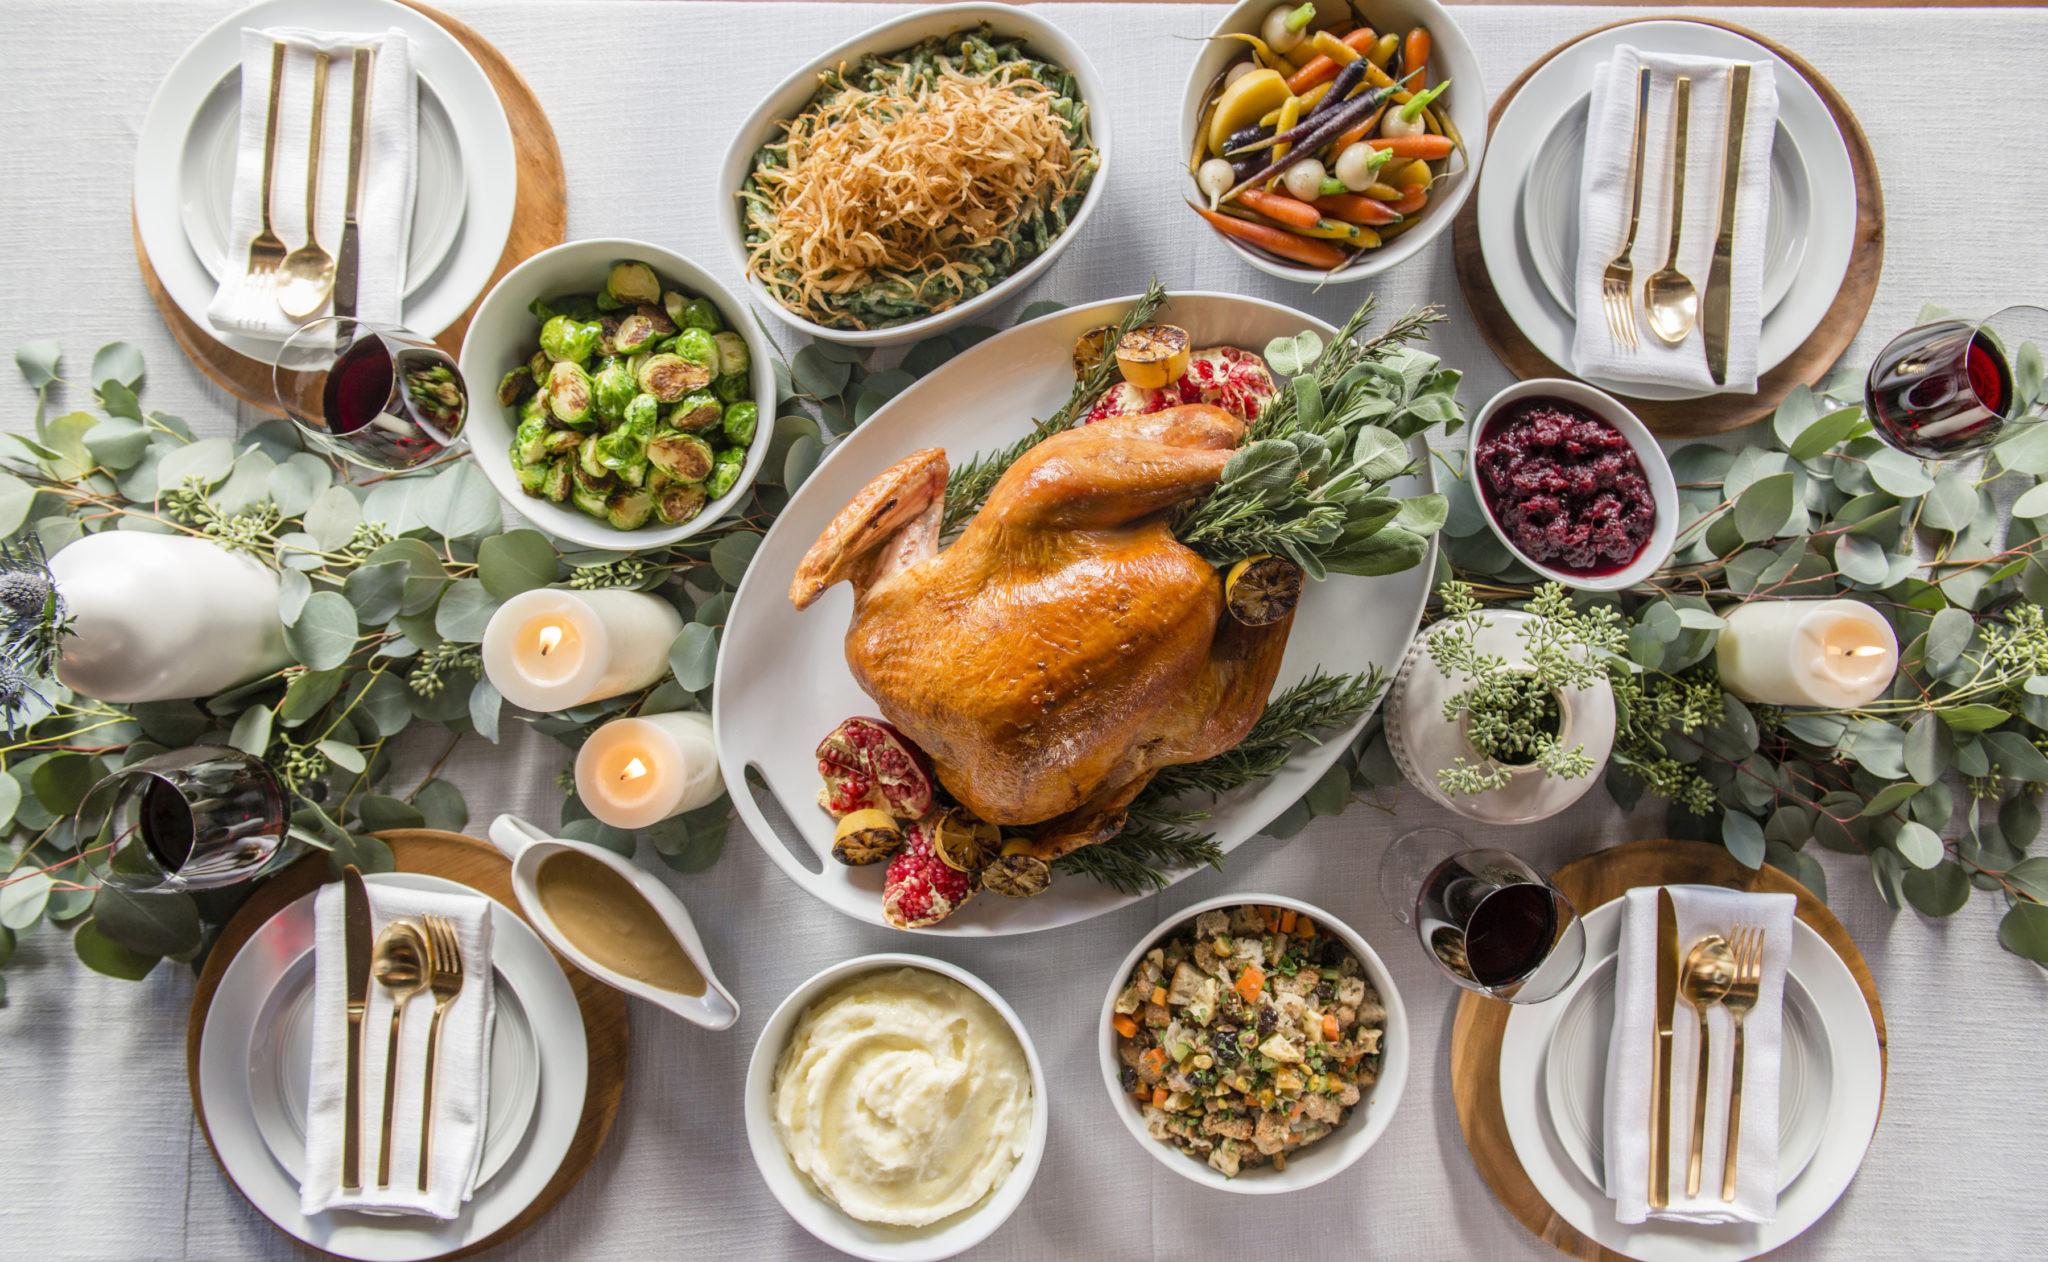 Thanksgiving Dinner To Go  THANKSGIVING DINNER TO GO Sapphire Laguna